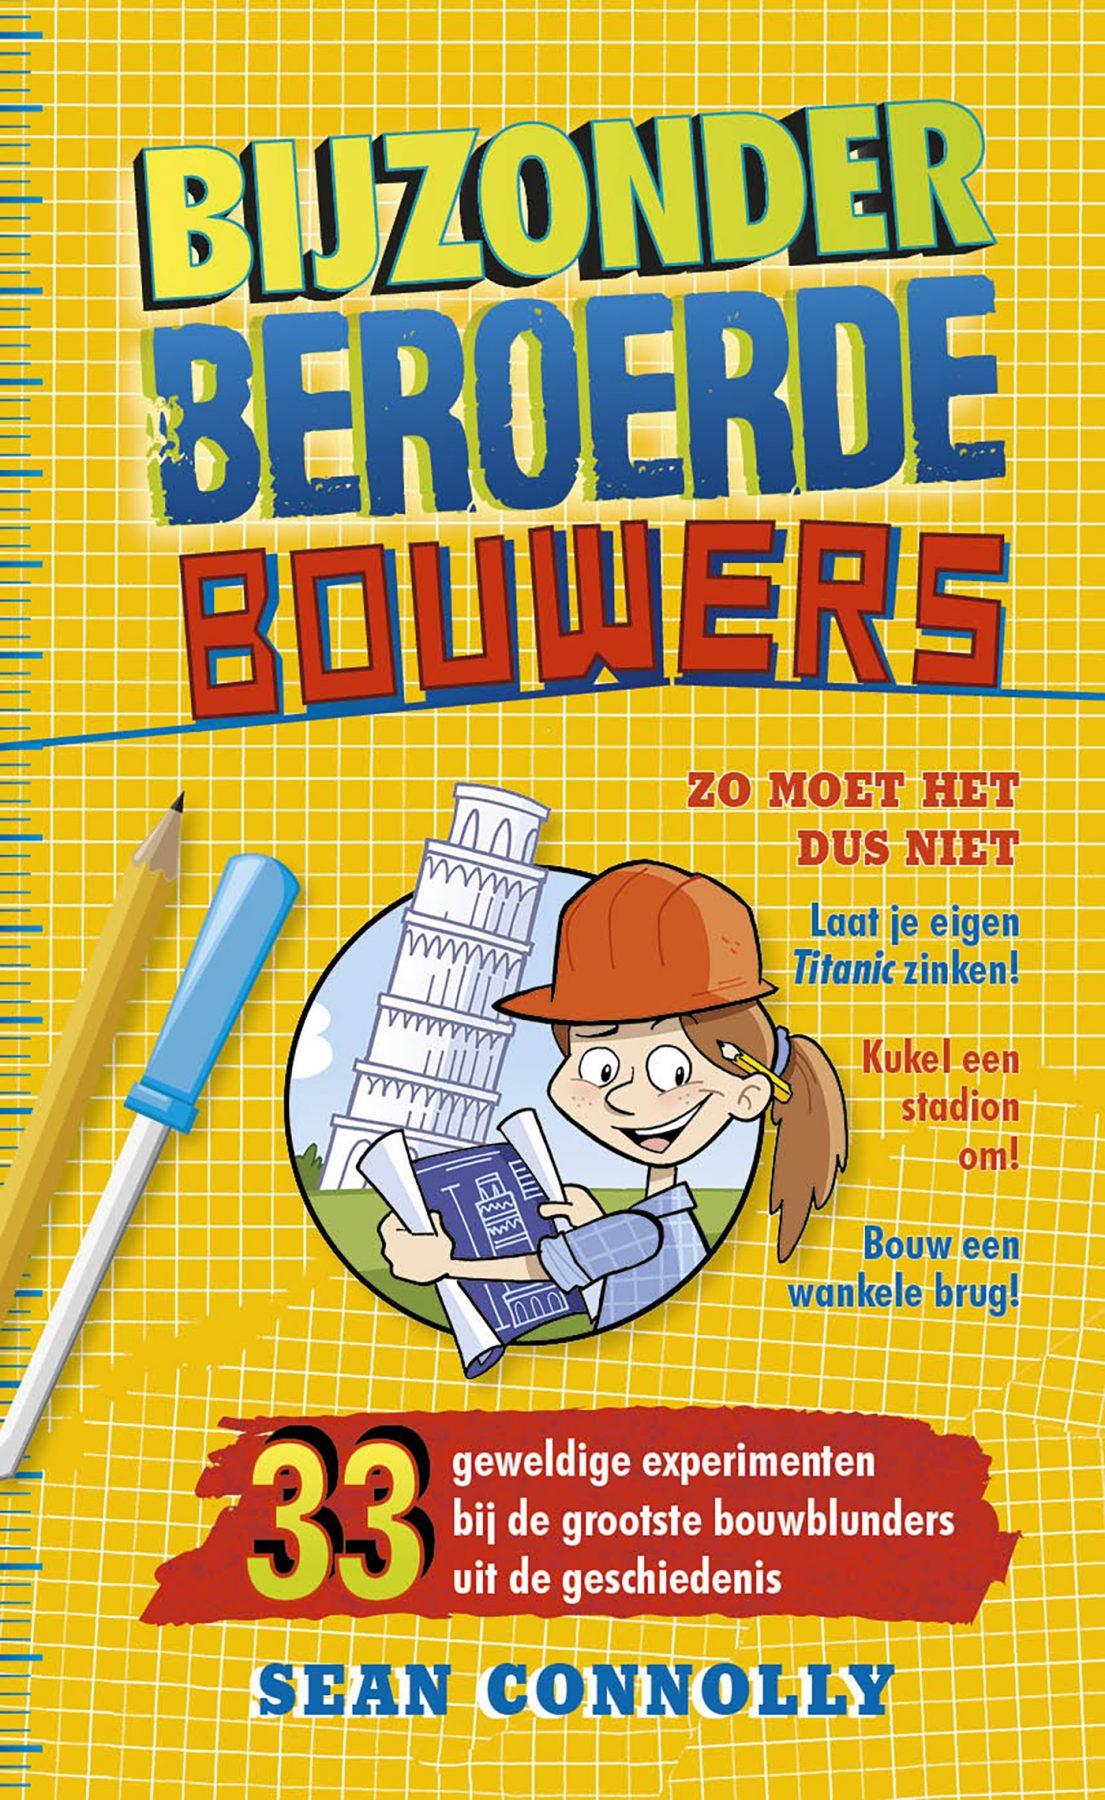 Kinderboekenweek - tip 5